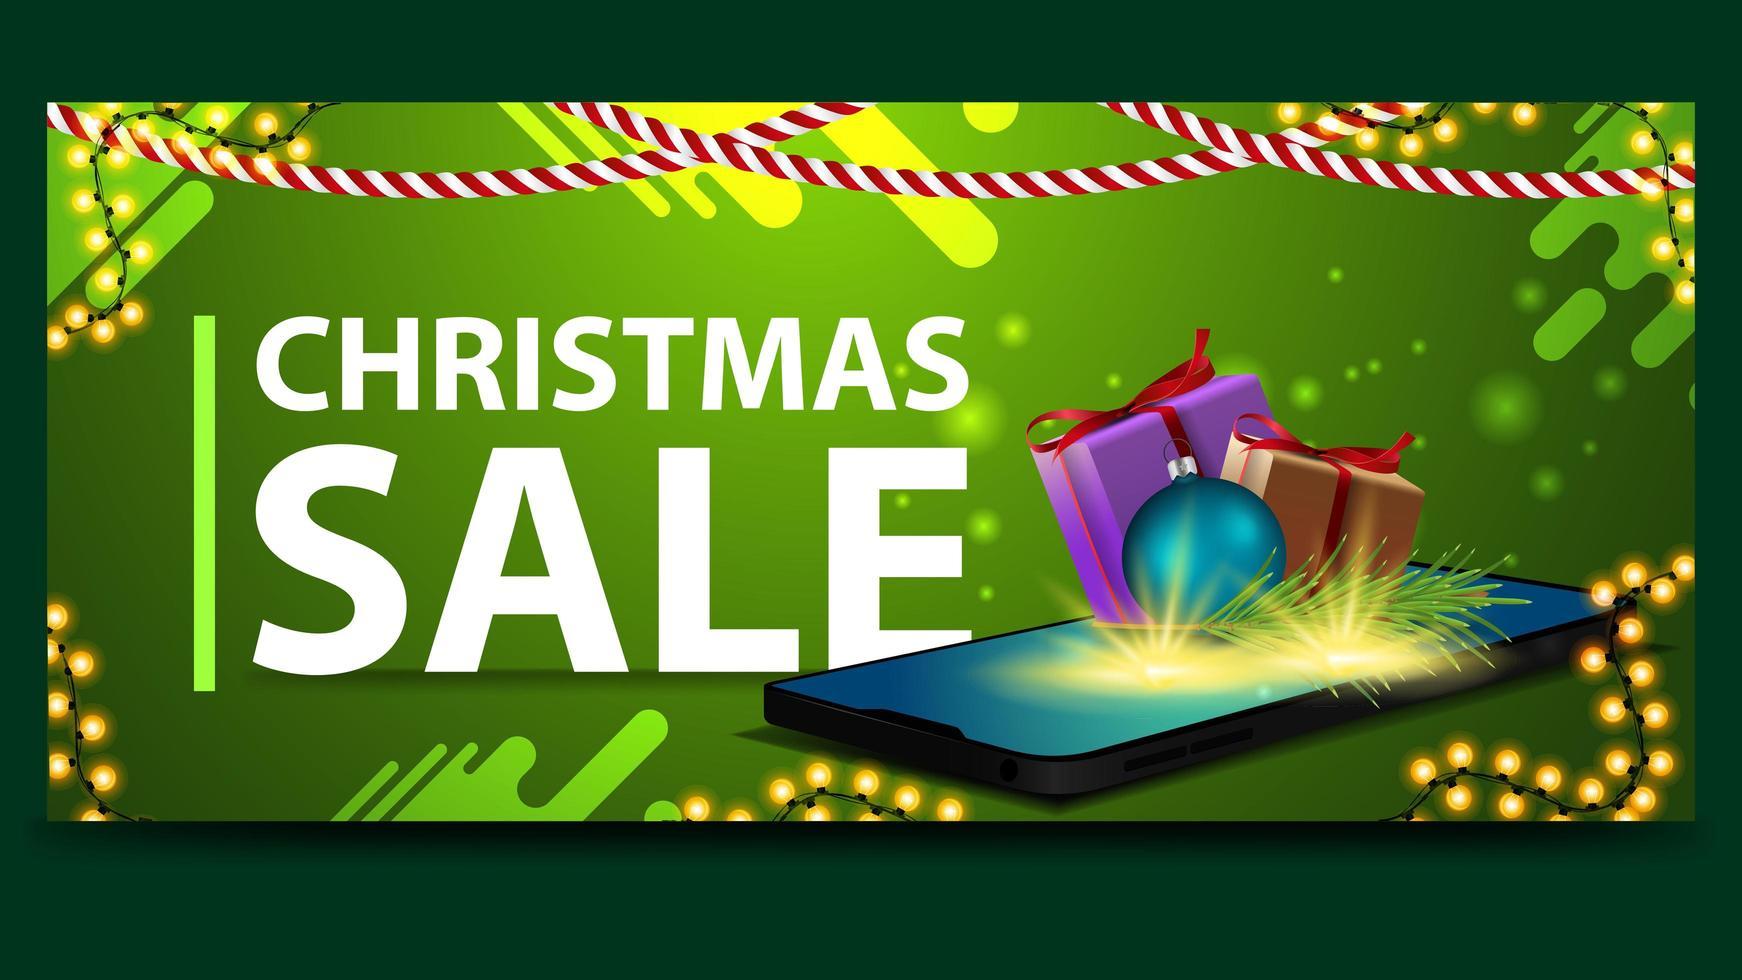 Weihnachtsgrün Rabatt Banner mit Smartphone vektor